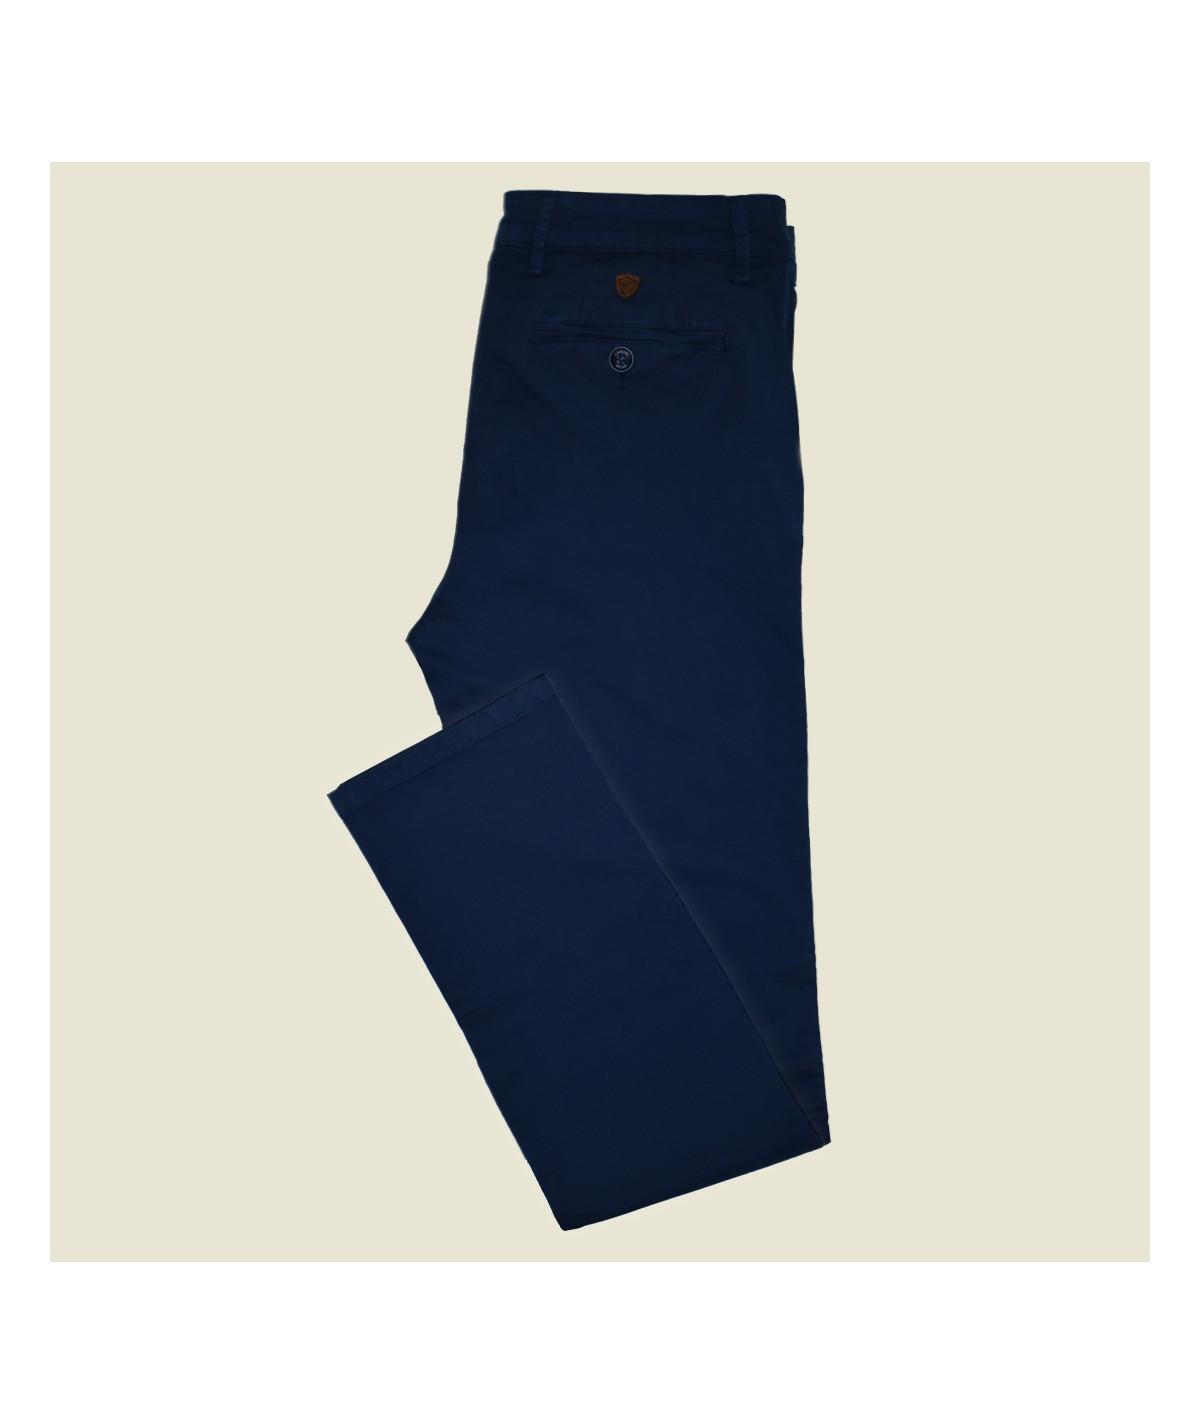 Pantalon Chino Grand Taille